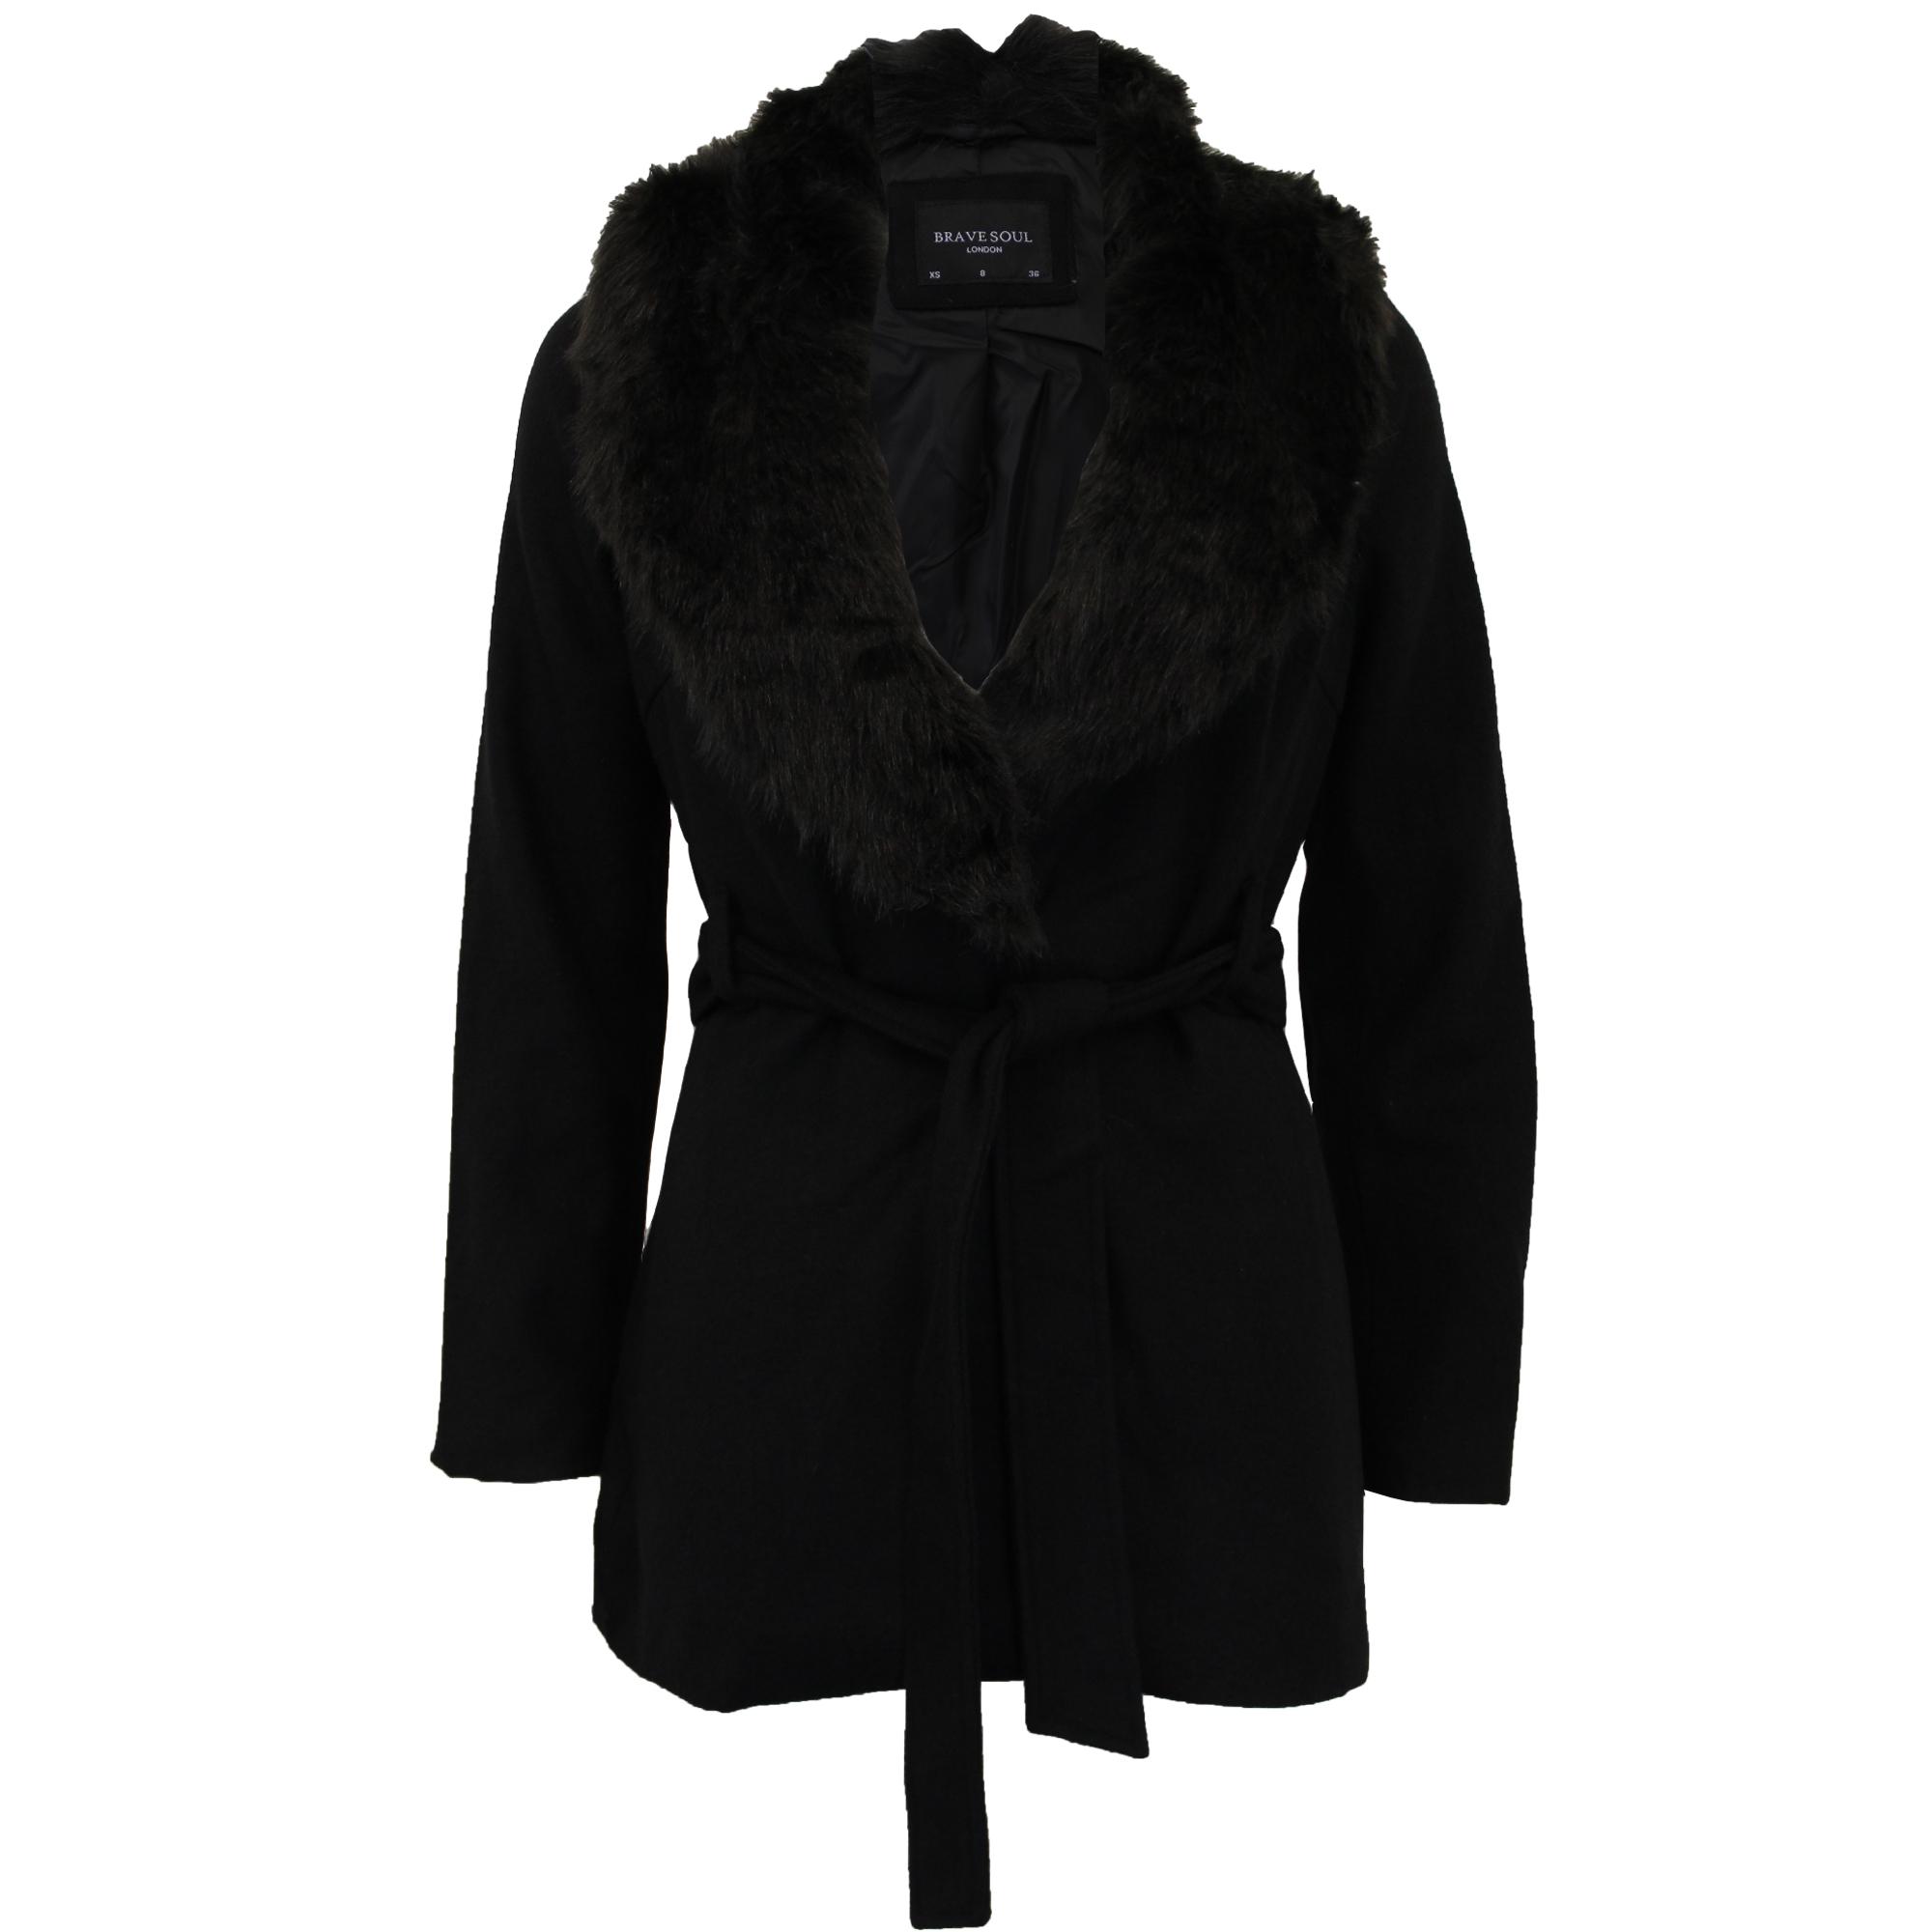 Soul pelliccia Giacca Cintura in Ada misto Black donna lana in da Womens Brave Winter da sintetica montgomery Giacca w8YOxpY